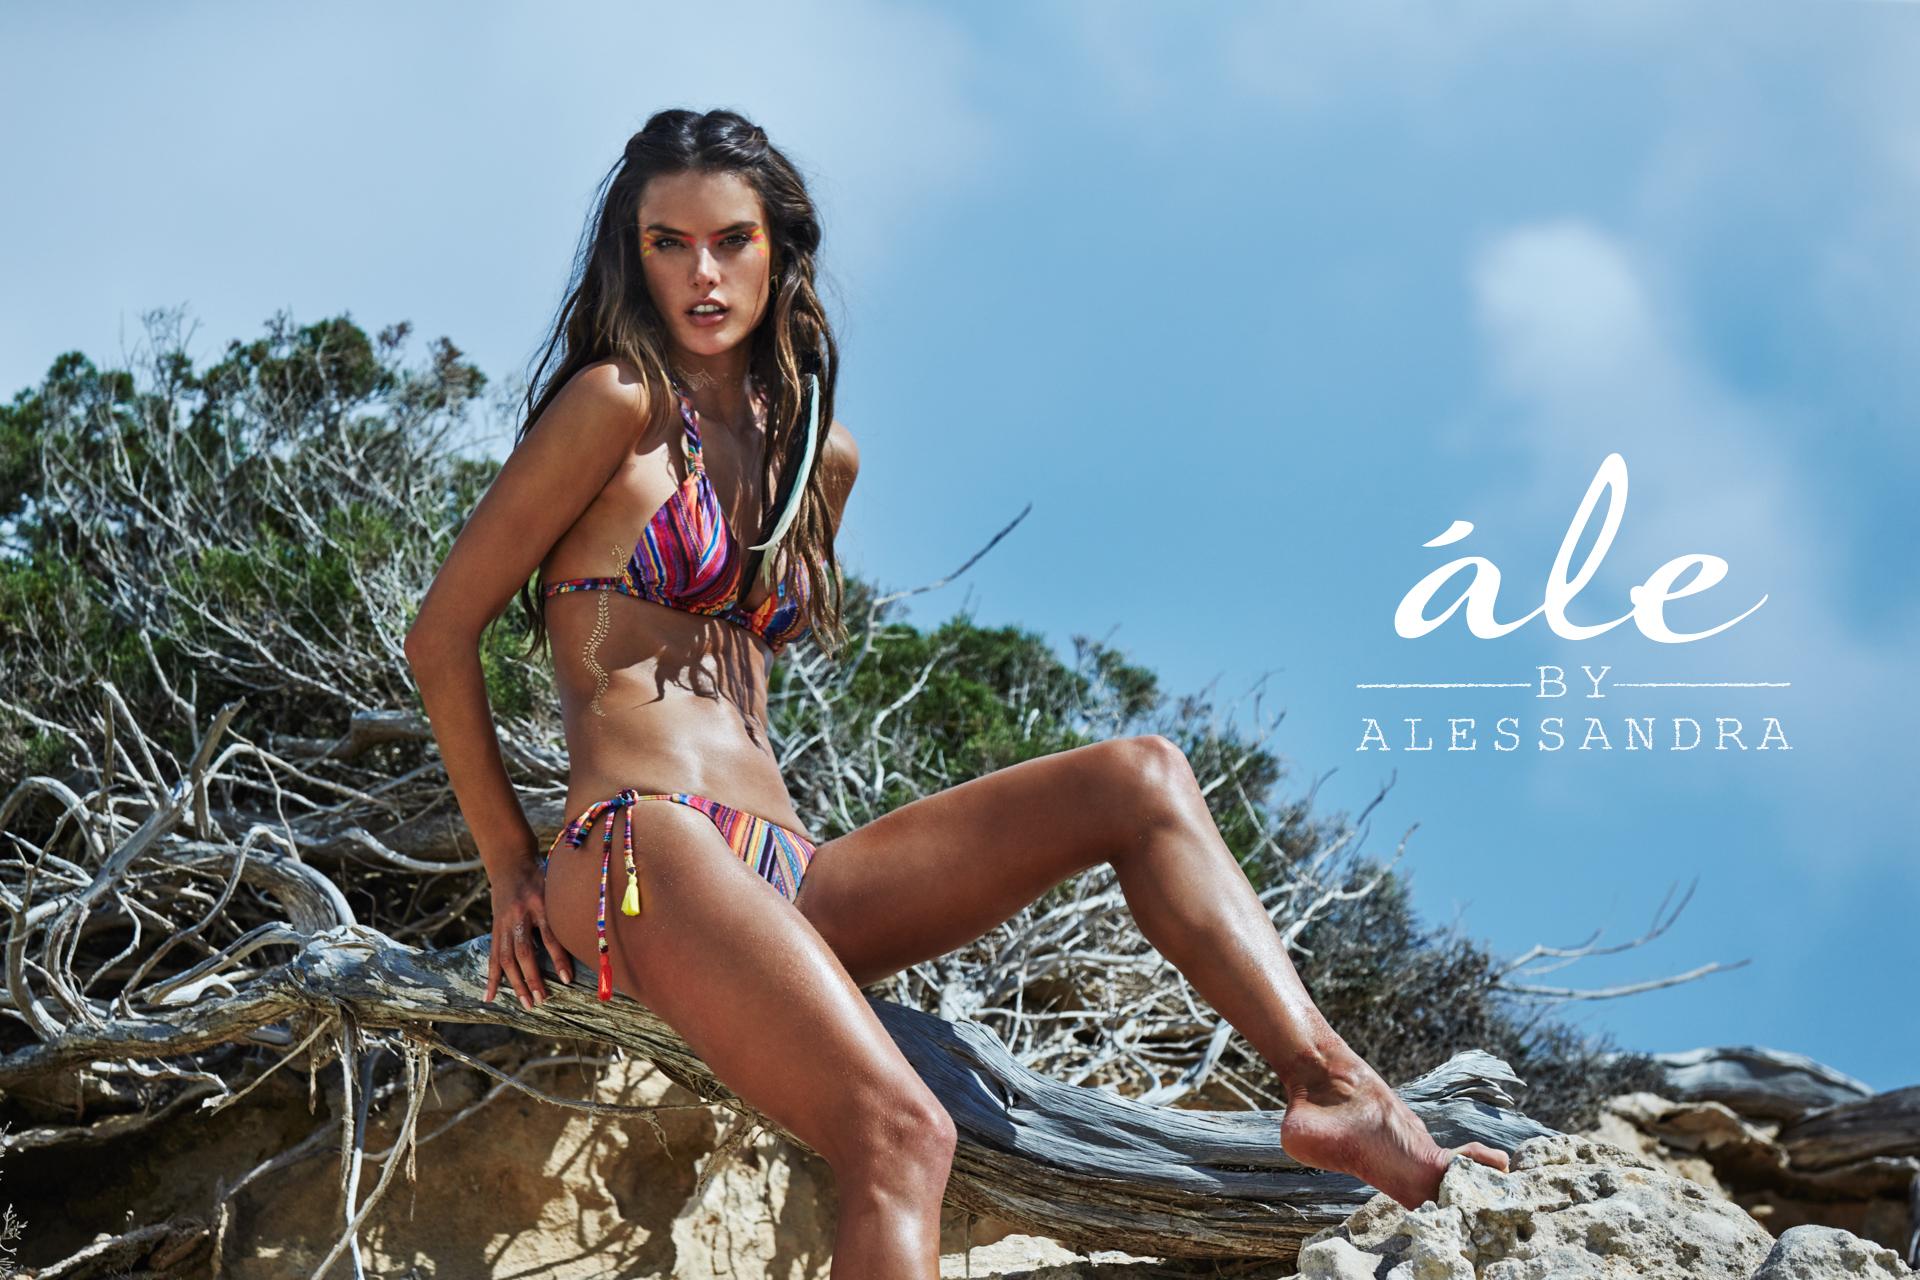 alessandra-ambrosio-ale-by-alessandra-2015-swim-campaign